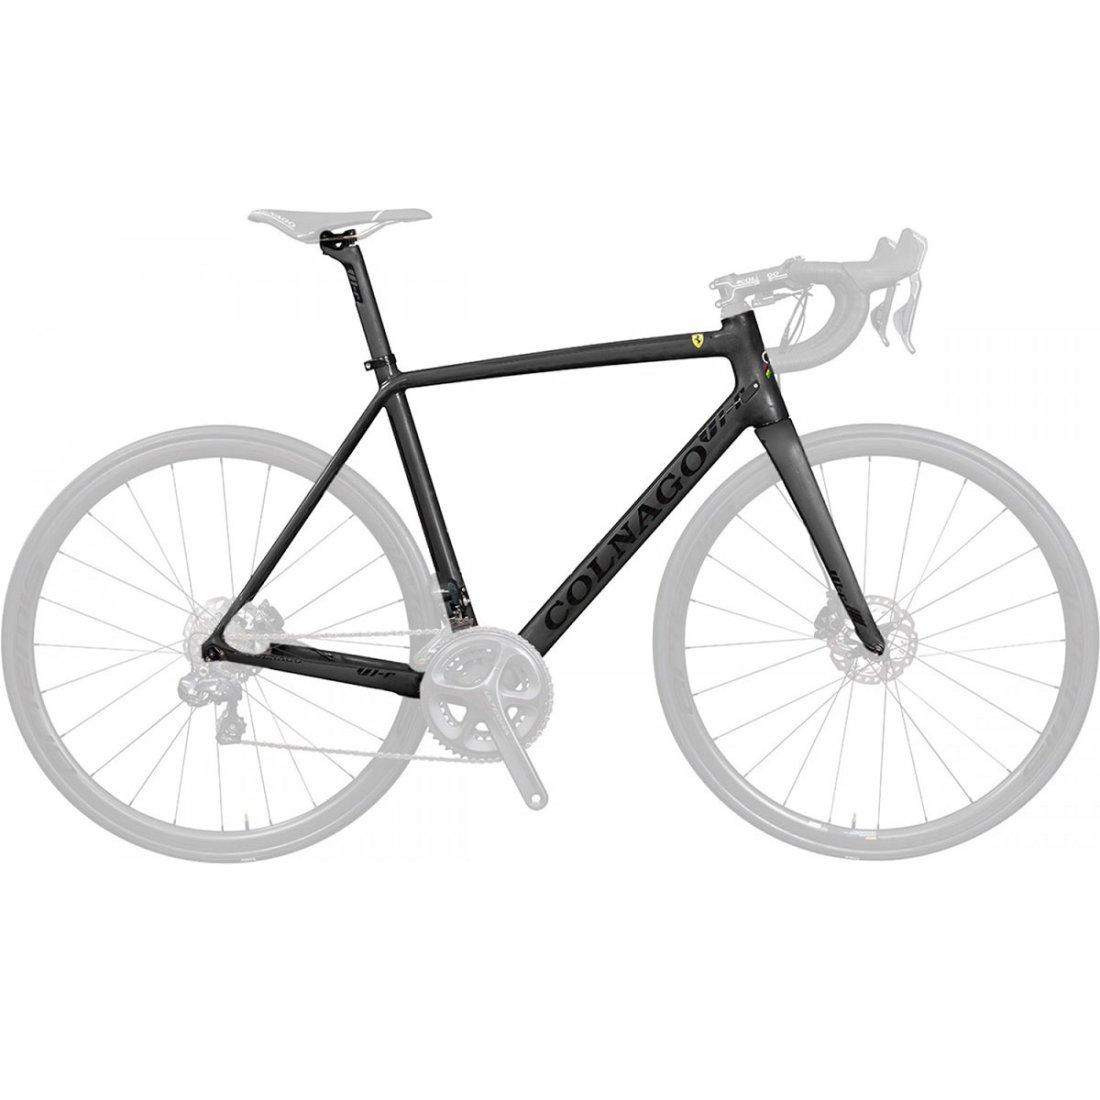 Fahrradrahmen COLNAGO V1-r Carbon 2015 Black · Motocard